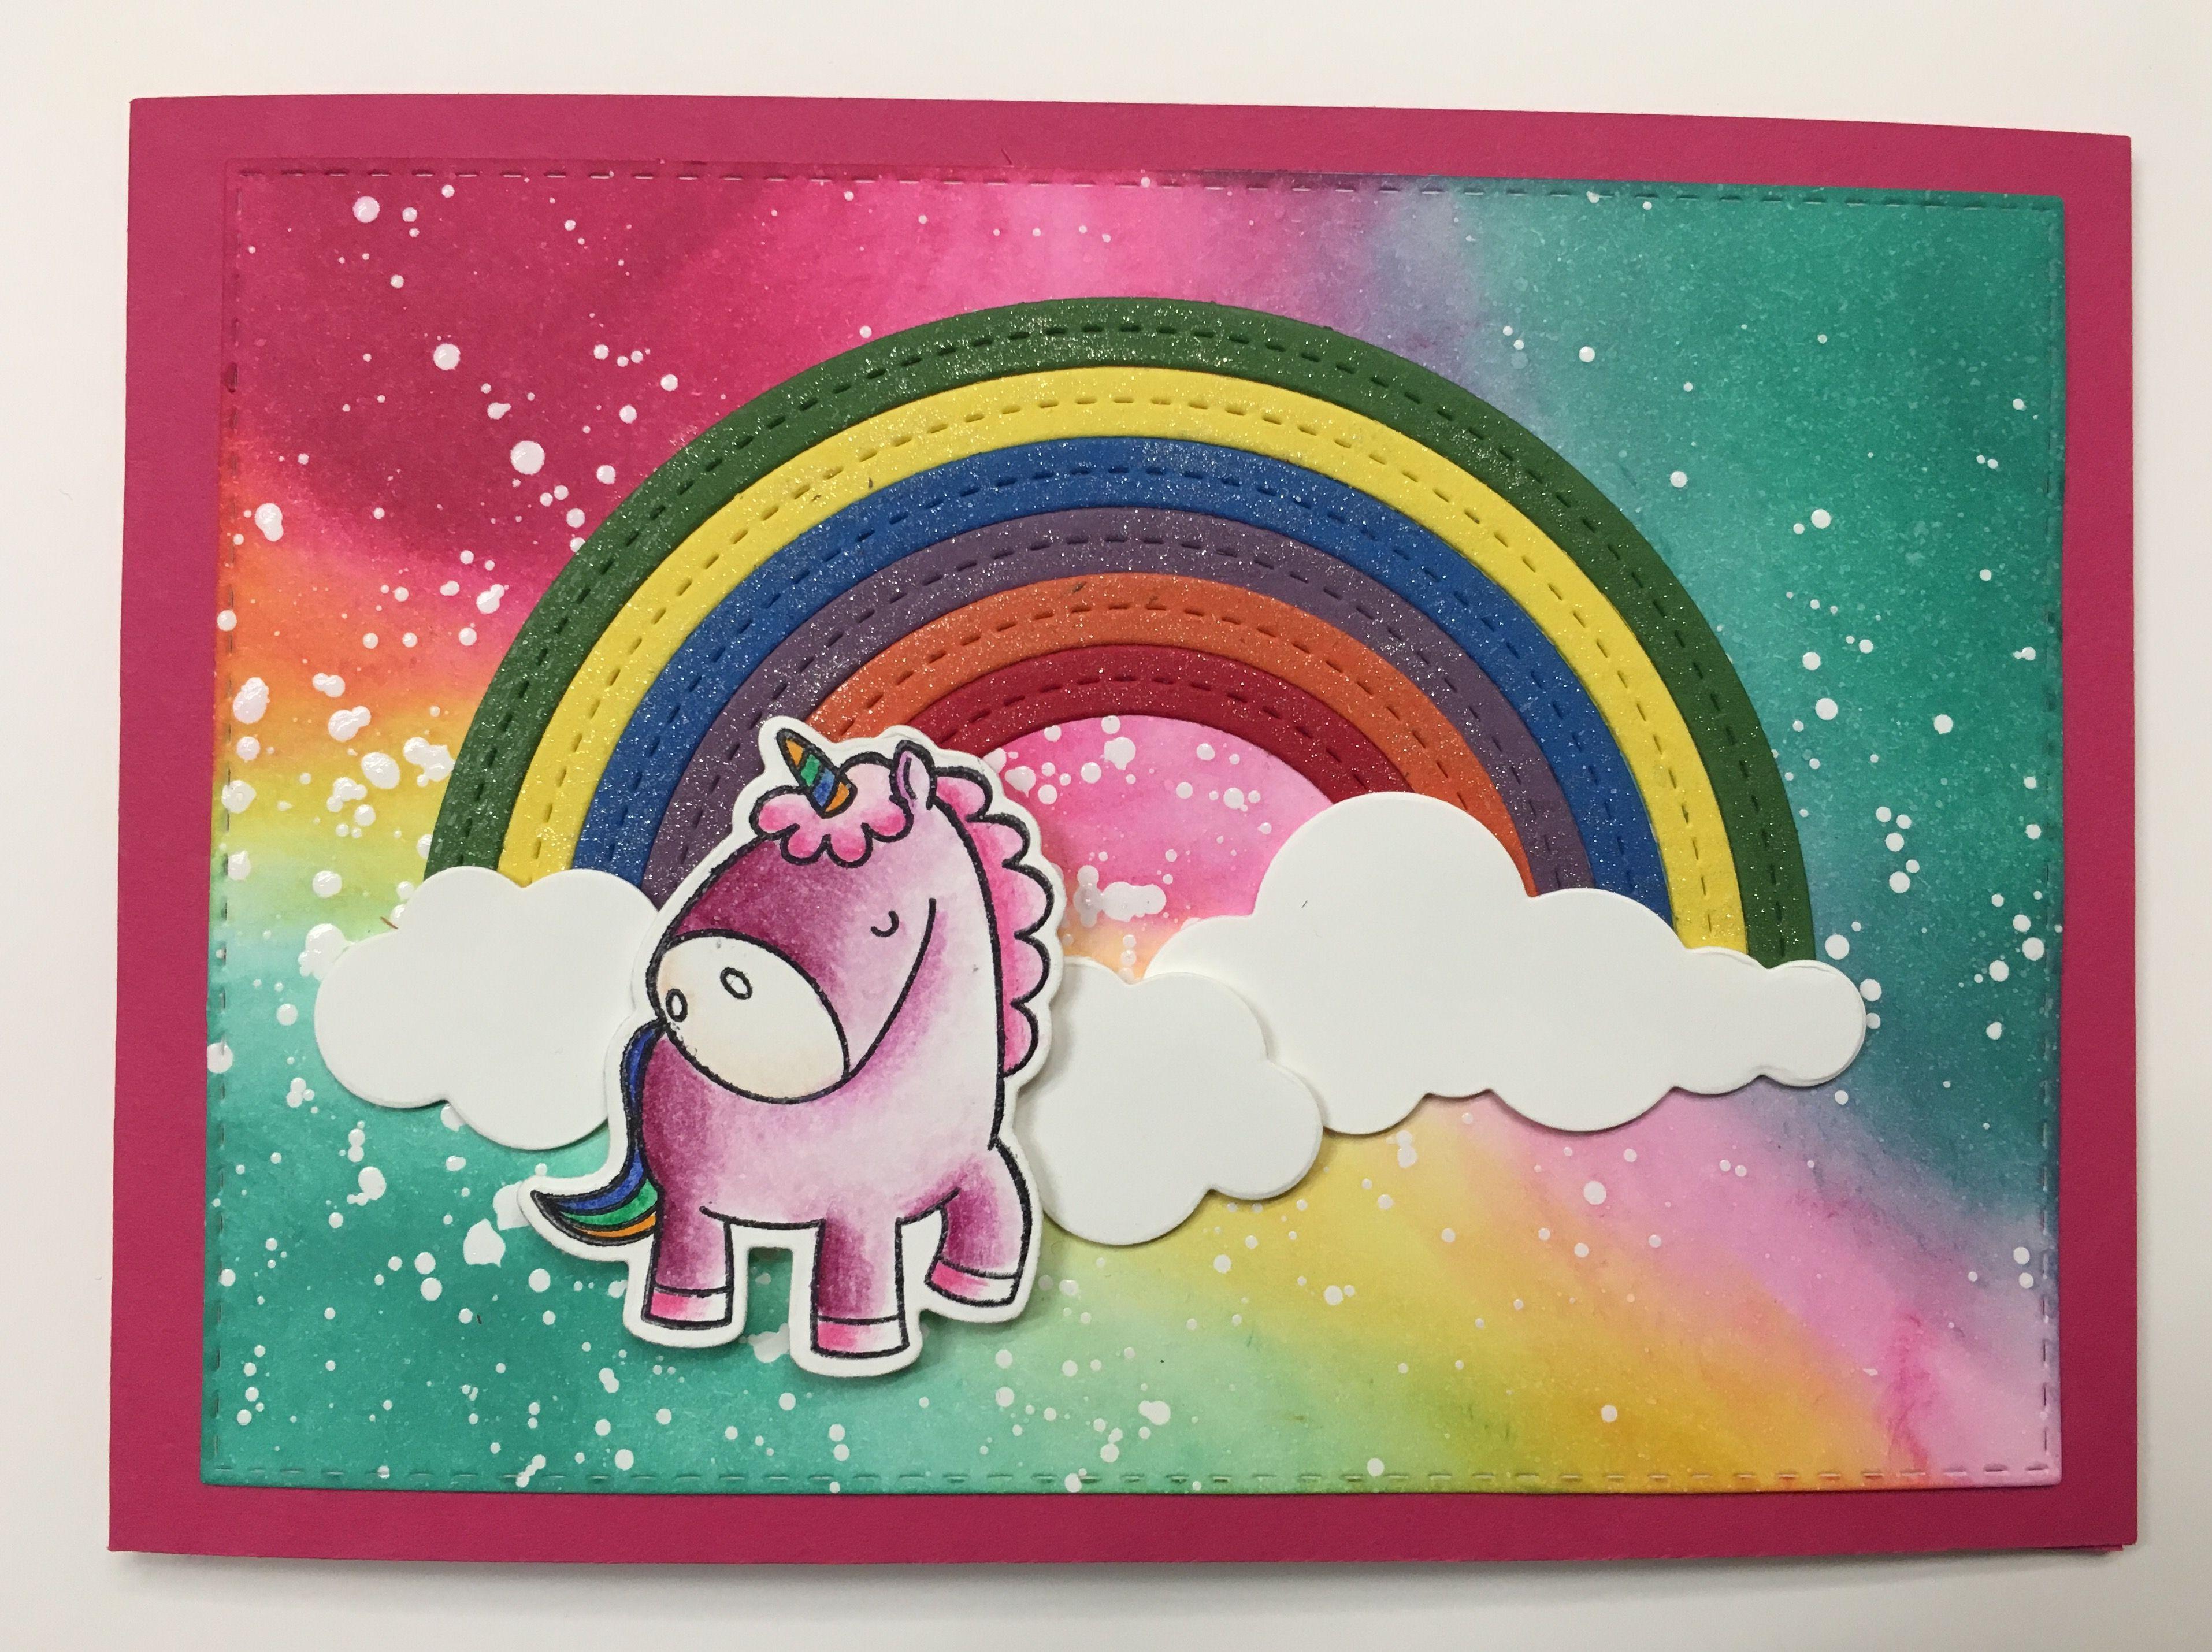 einhorn mit regenbogen karte unicorn with rainbow card. Black Bedroom Furniture Sets. Home Design Ideas